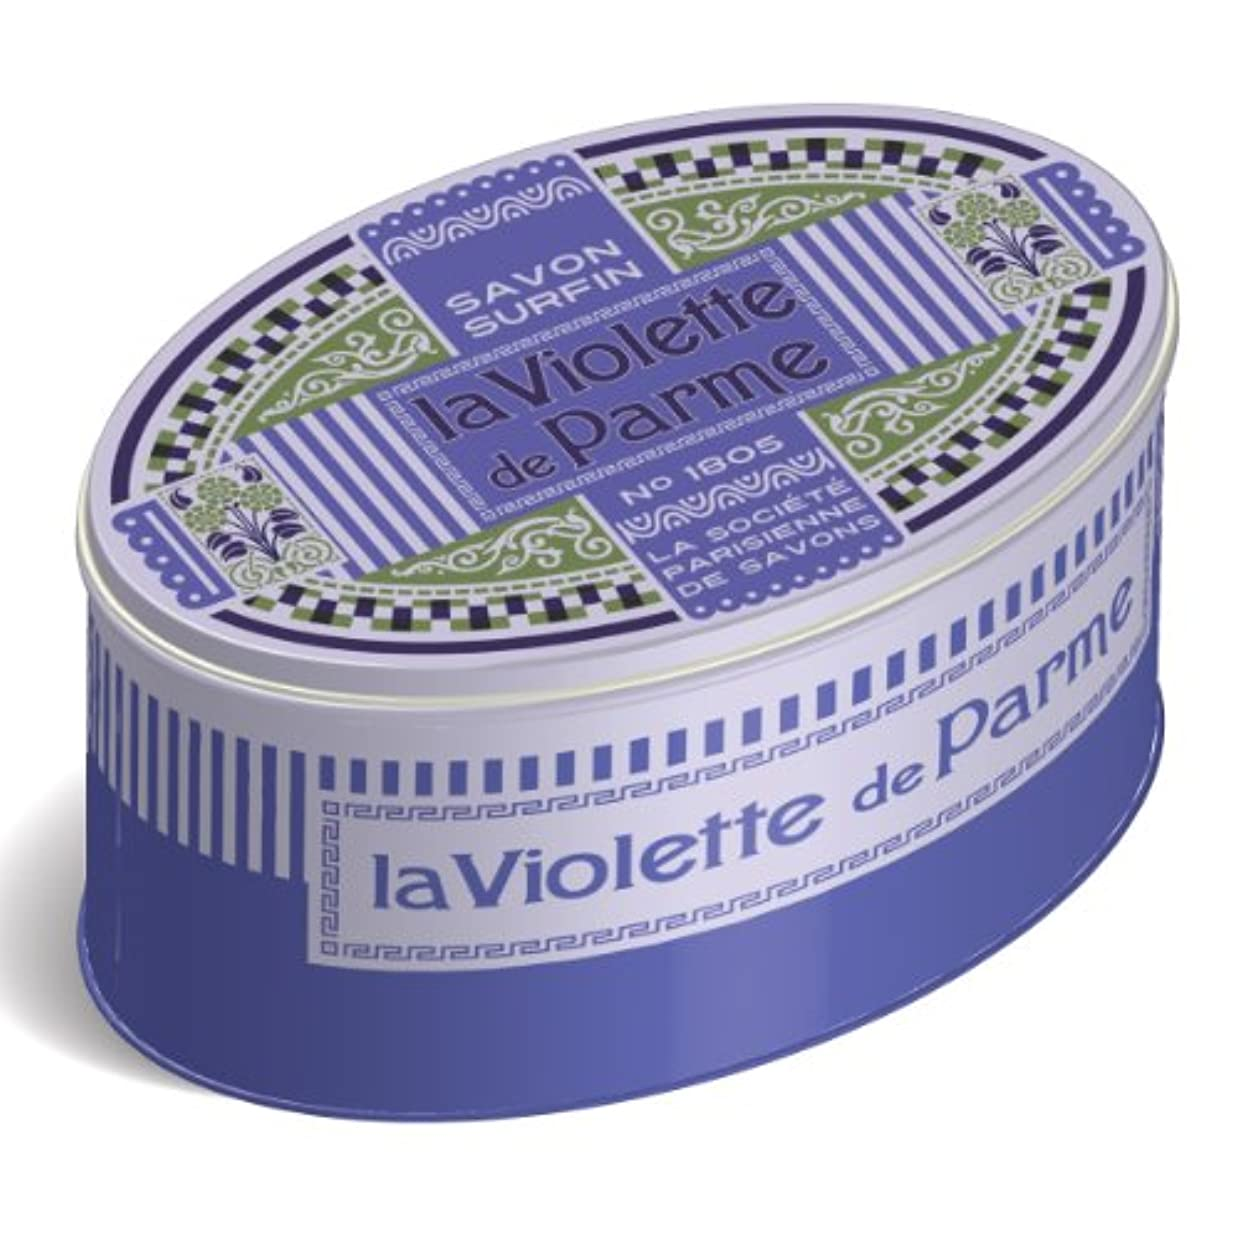 一過性家庭創始者LA SOCIETE PARISIENNE DE SAVONS フレグランスソープ(缶入) 250g 「ラヴィオットデパルム」 3440576130614